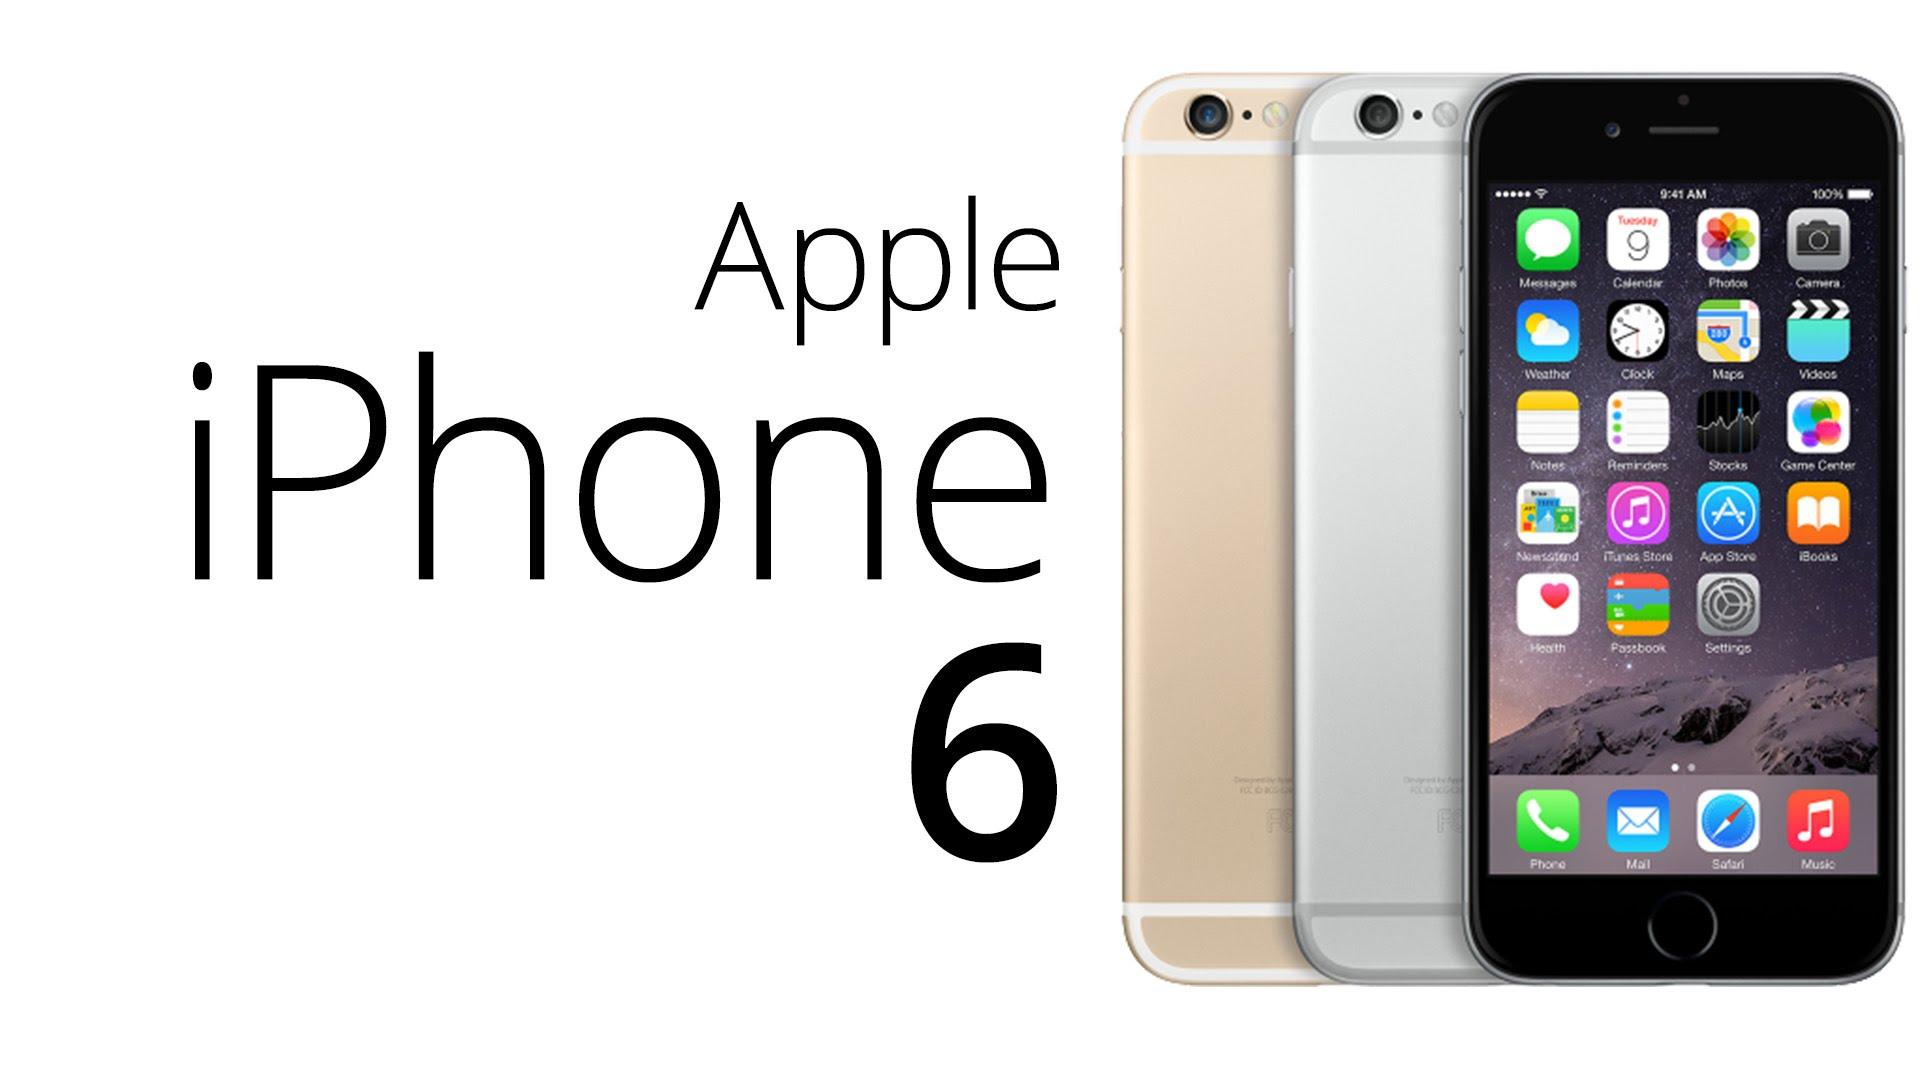 apple iphone 6 64g grey. Black Bedroom Furniture Sets. Home Design Ideas